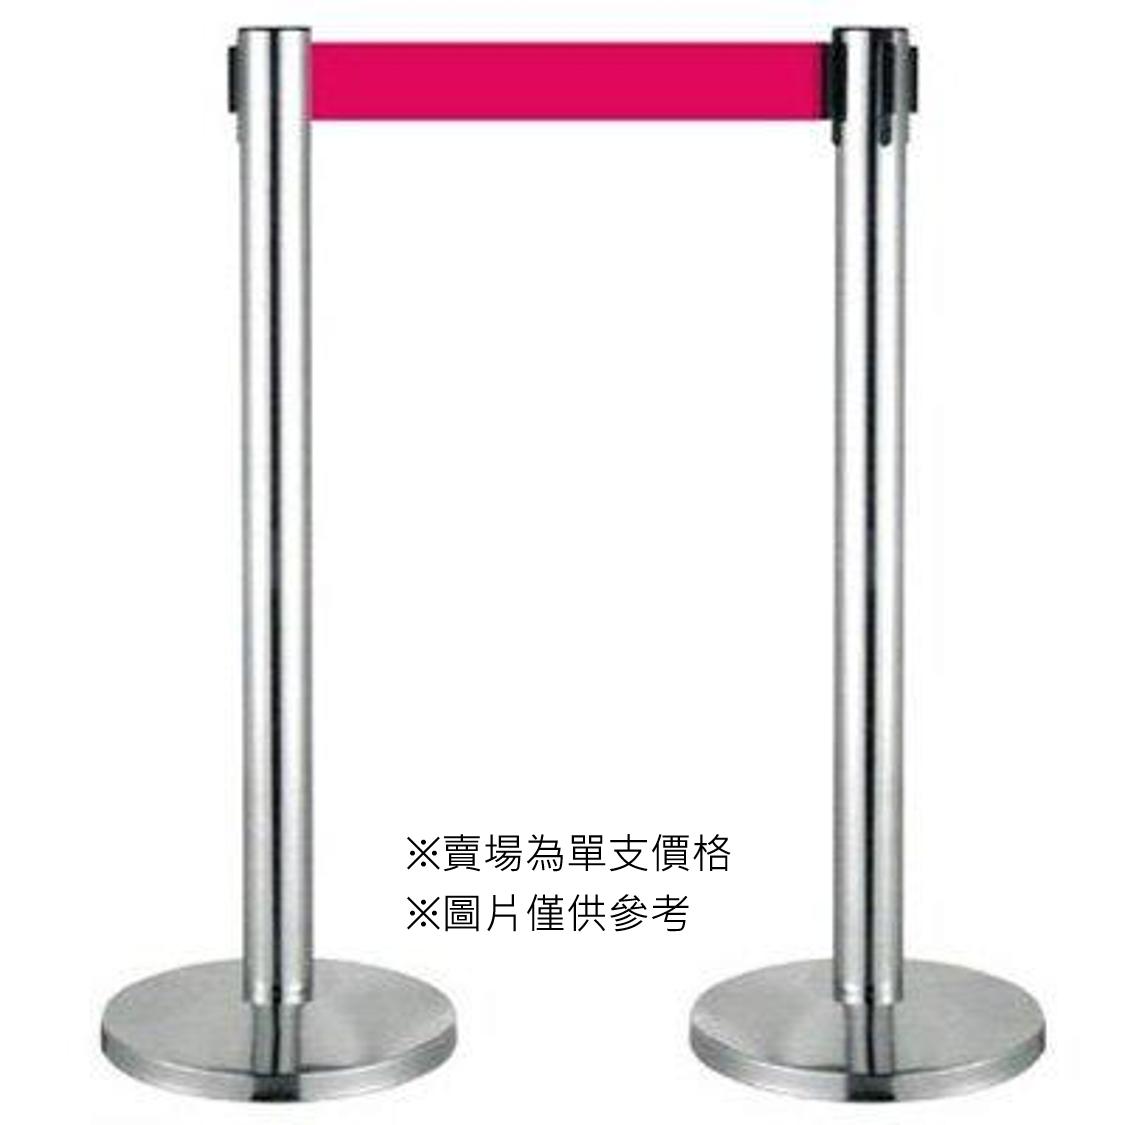 【單支價】不銹鋼伸縮欄柱(室內型) E86S 紅龍柱 圍欄柱 排隊 電影院 路線 不鏽鋼 底盤 紅龍柱 伸縮圍欄